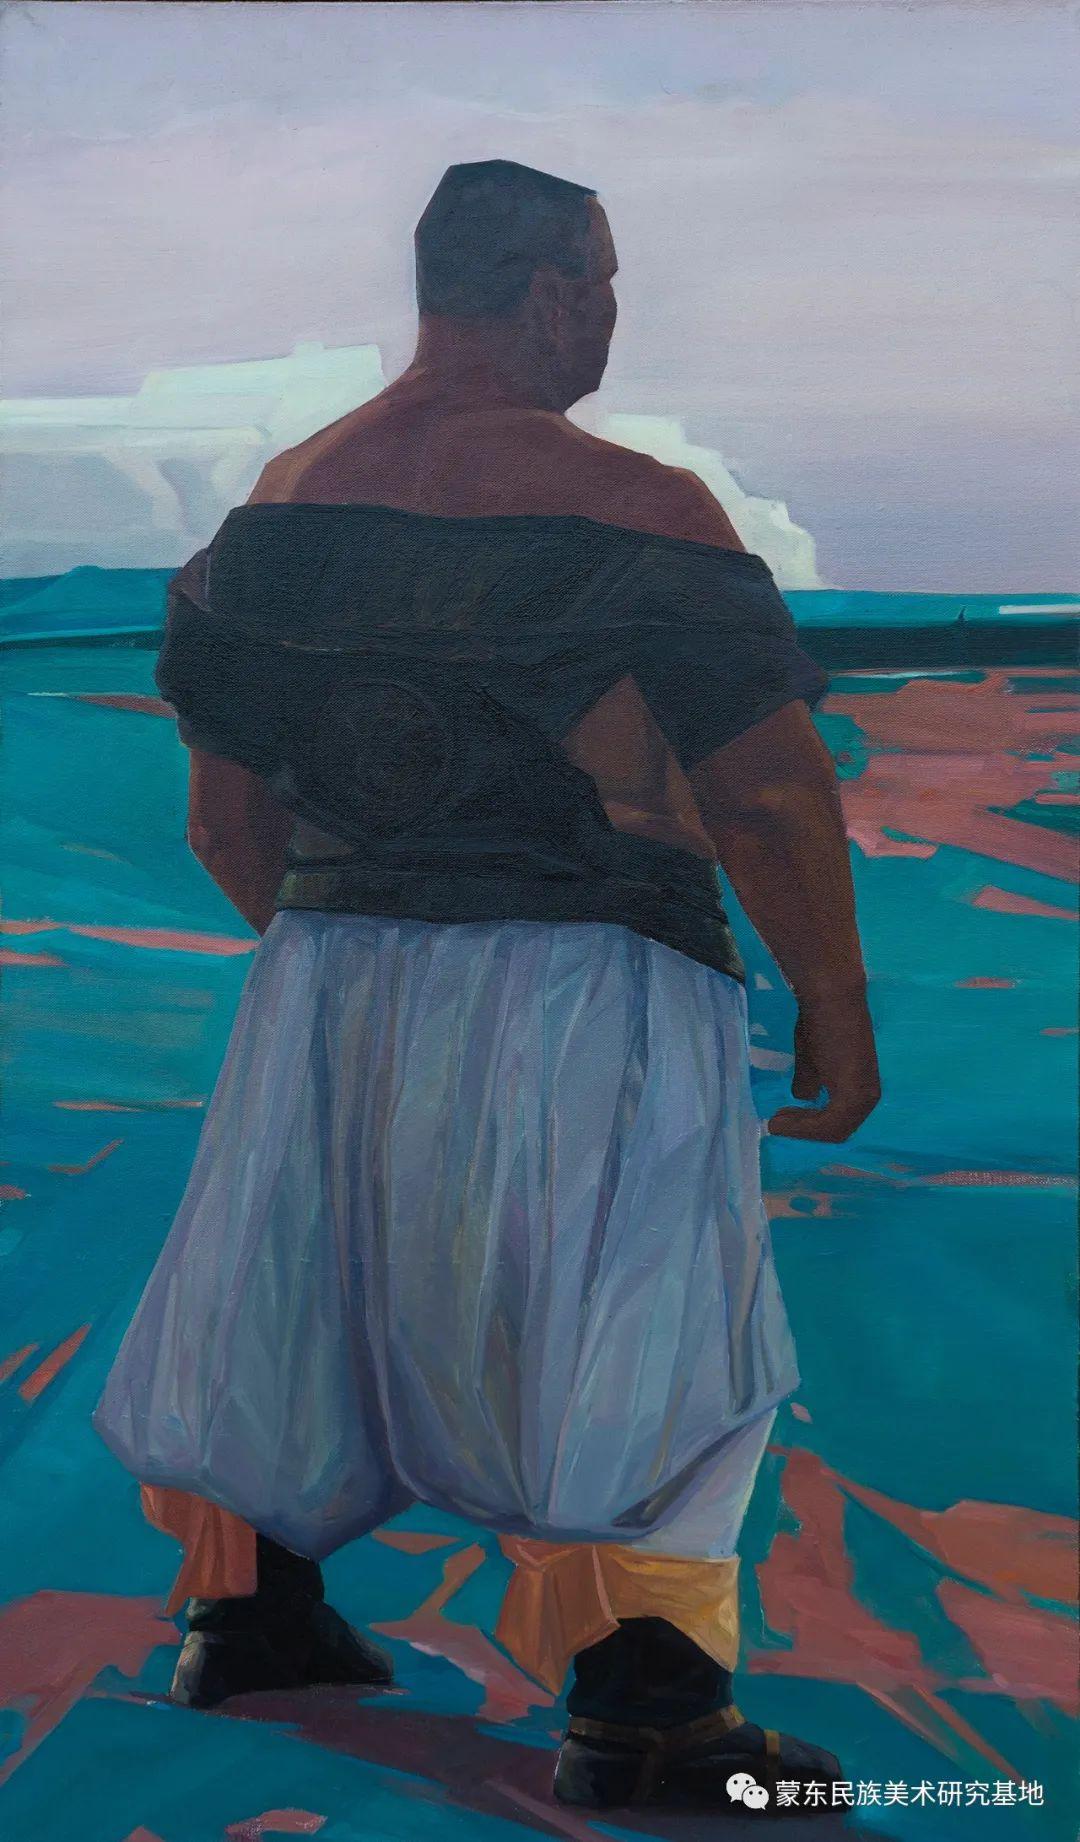 科尔沁首届油画展作品集 第41张 科尔沁首届油画展作品集 蒙古画廊